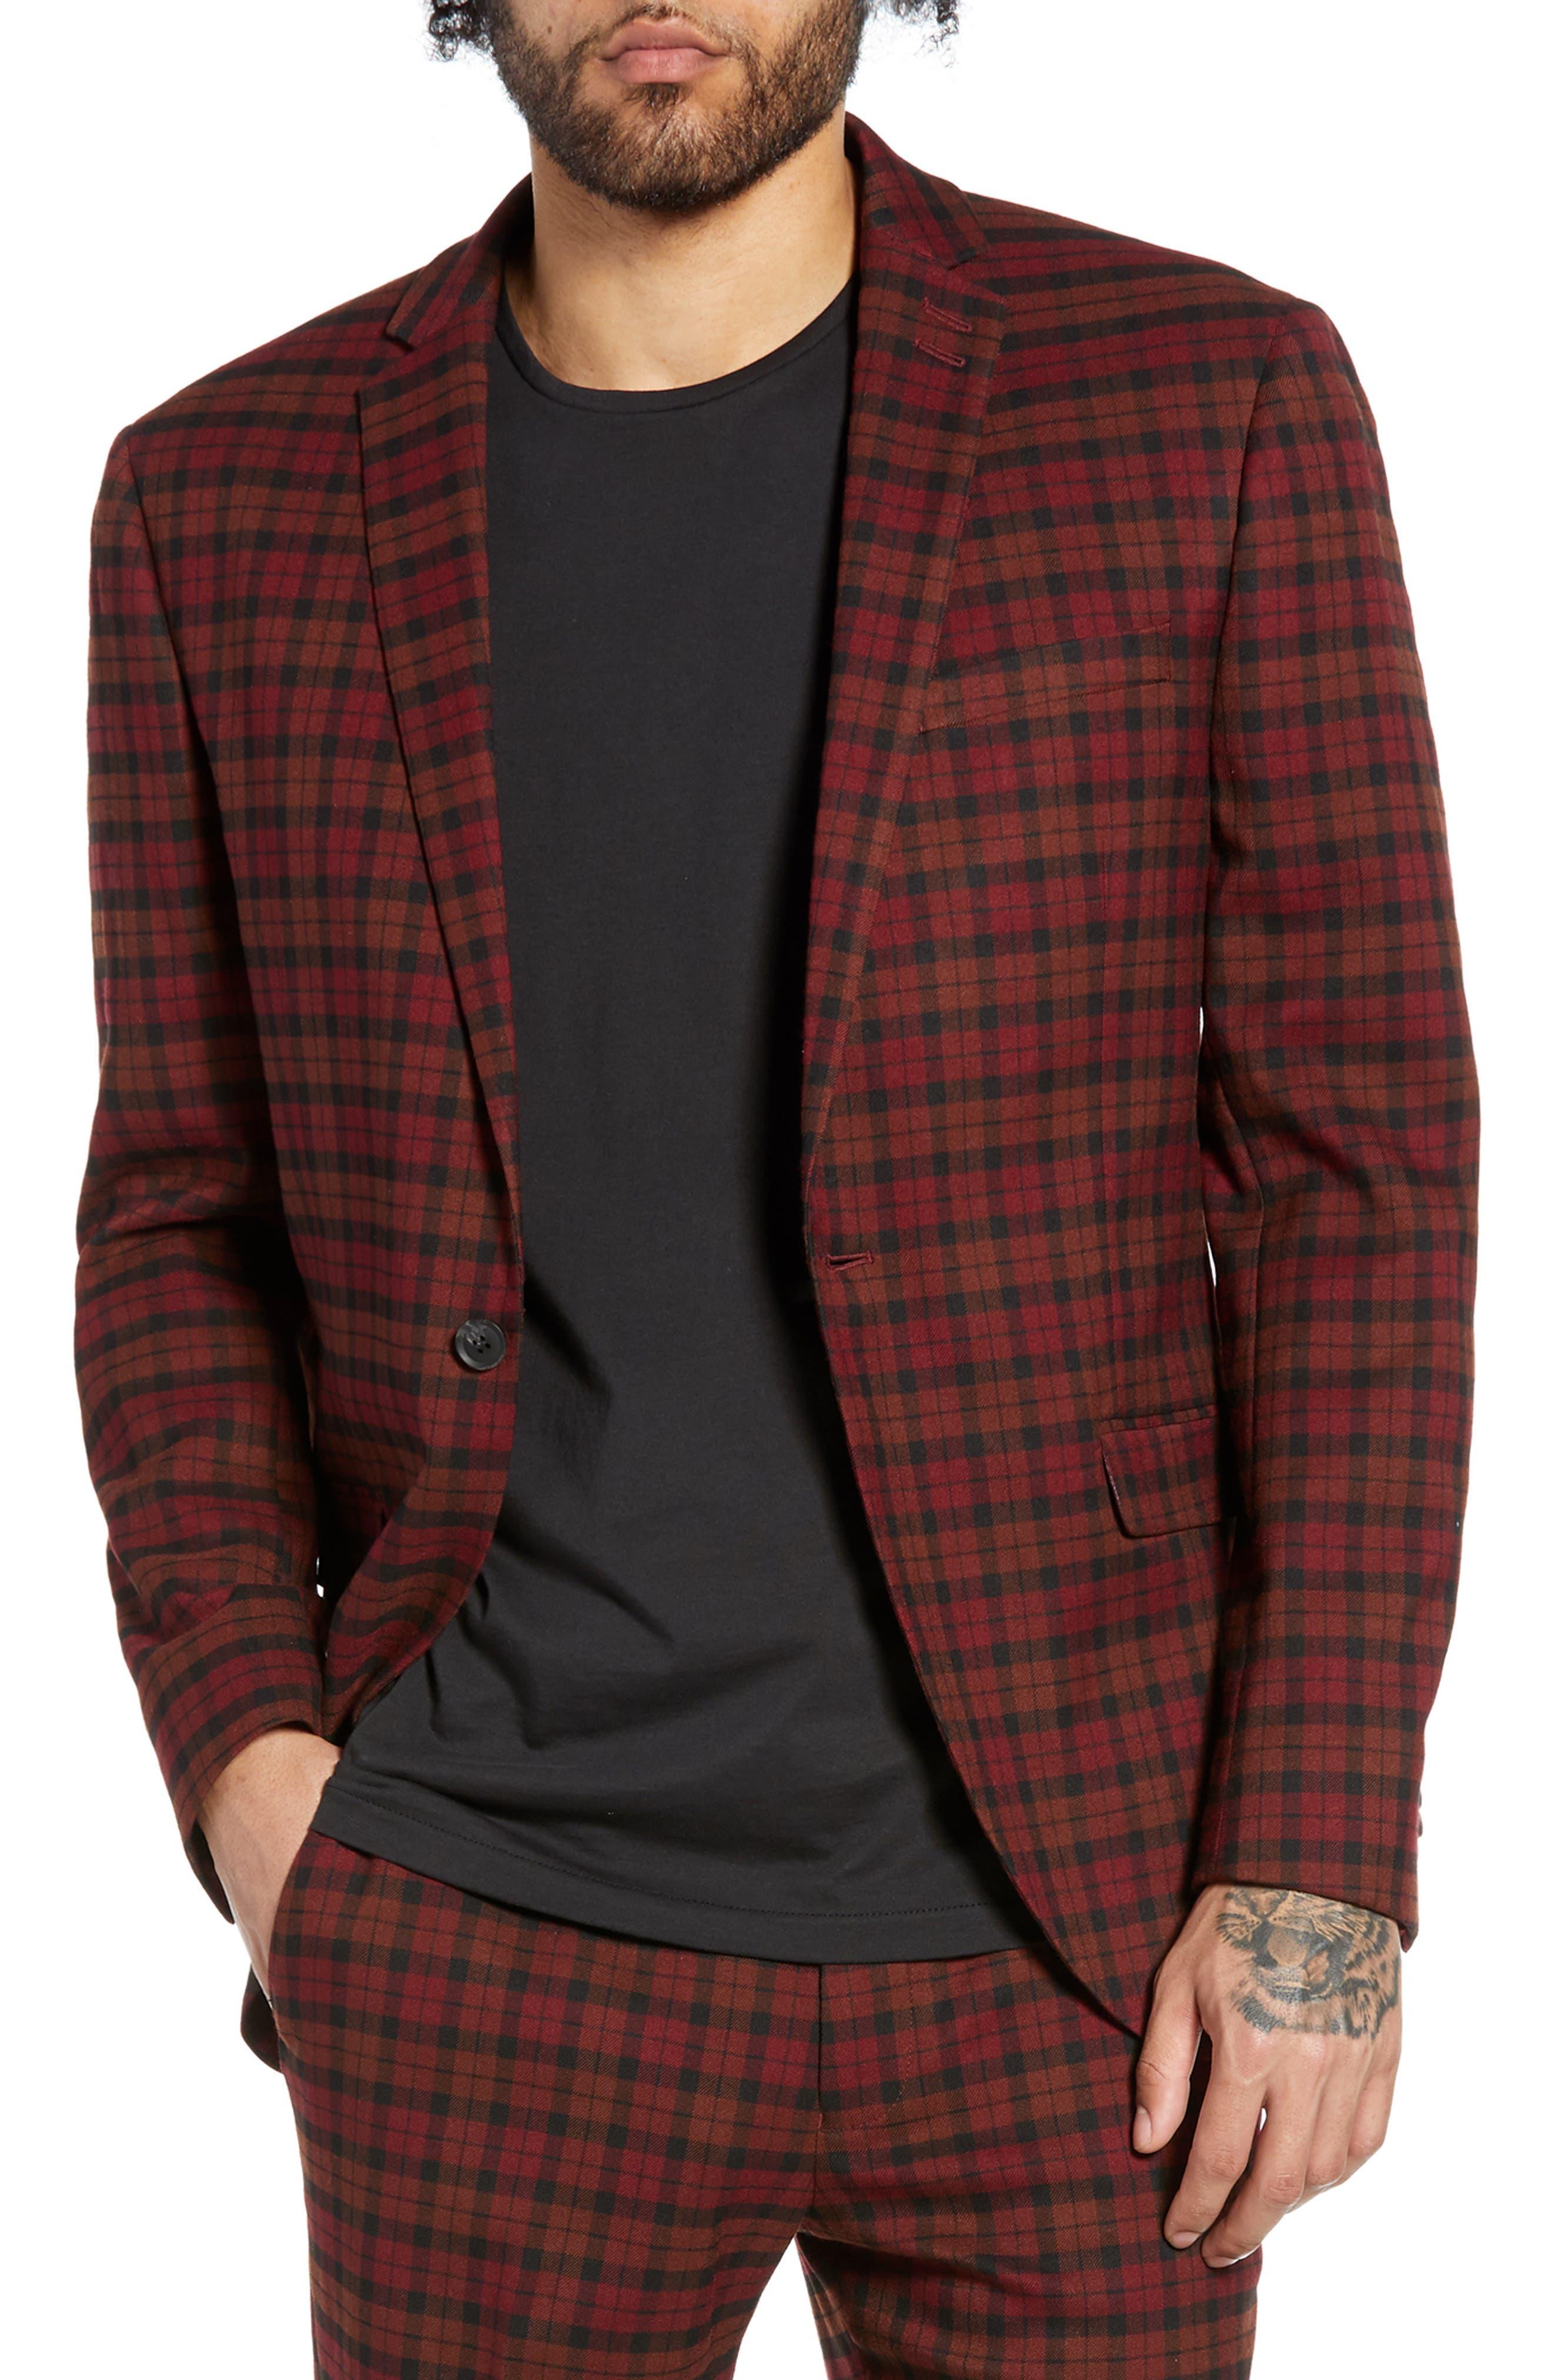 TOPMAN, Thorn Slim Fit Suit Jacket, Main thumbnail 1, color, 600